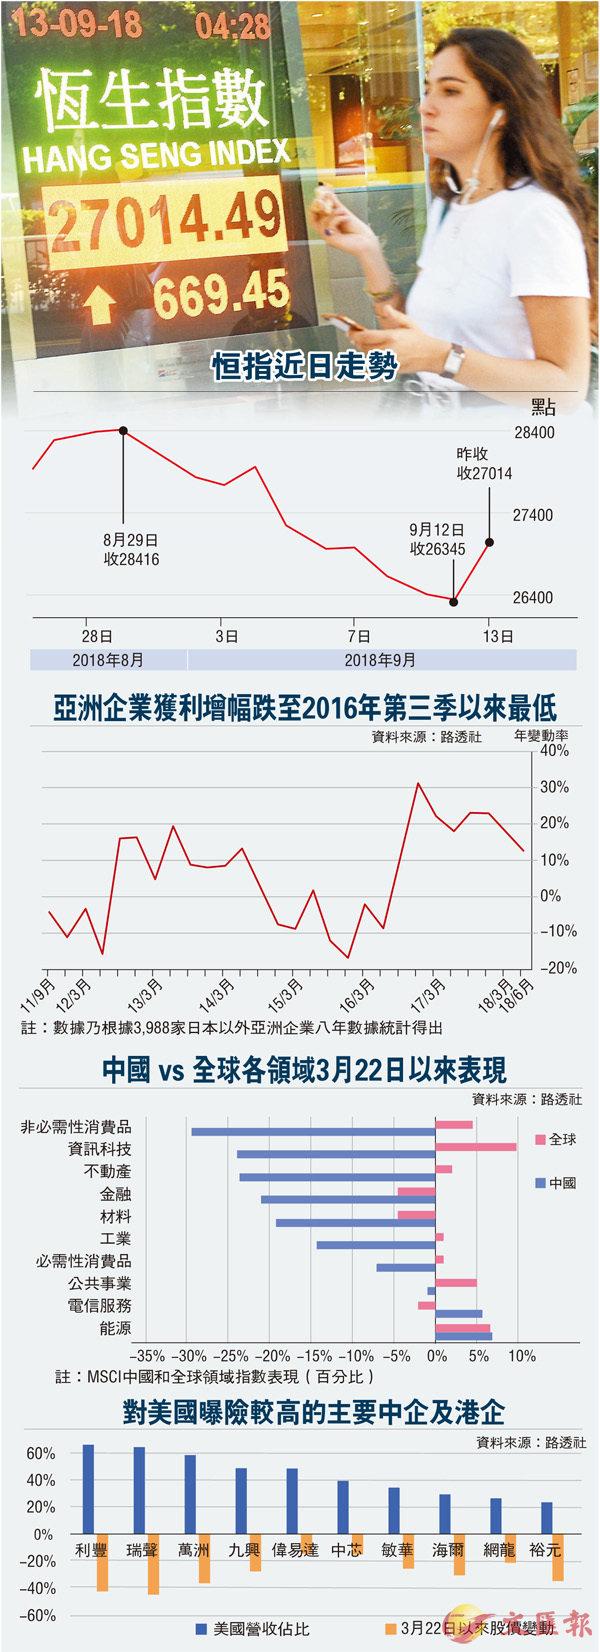 重上二萬七 港股未屠熊 - 華發網繁體版